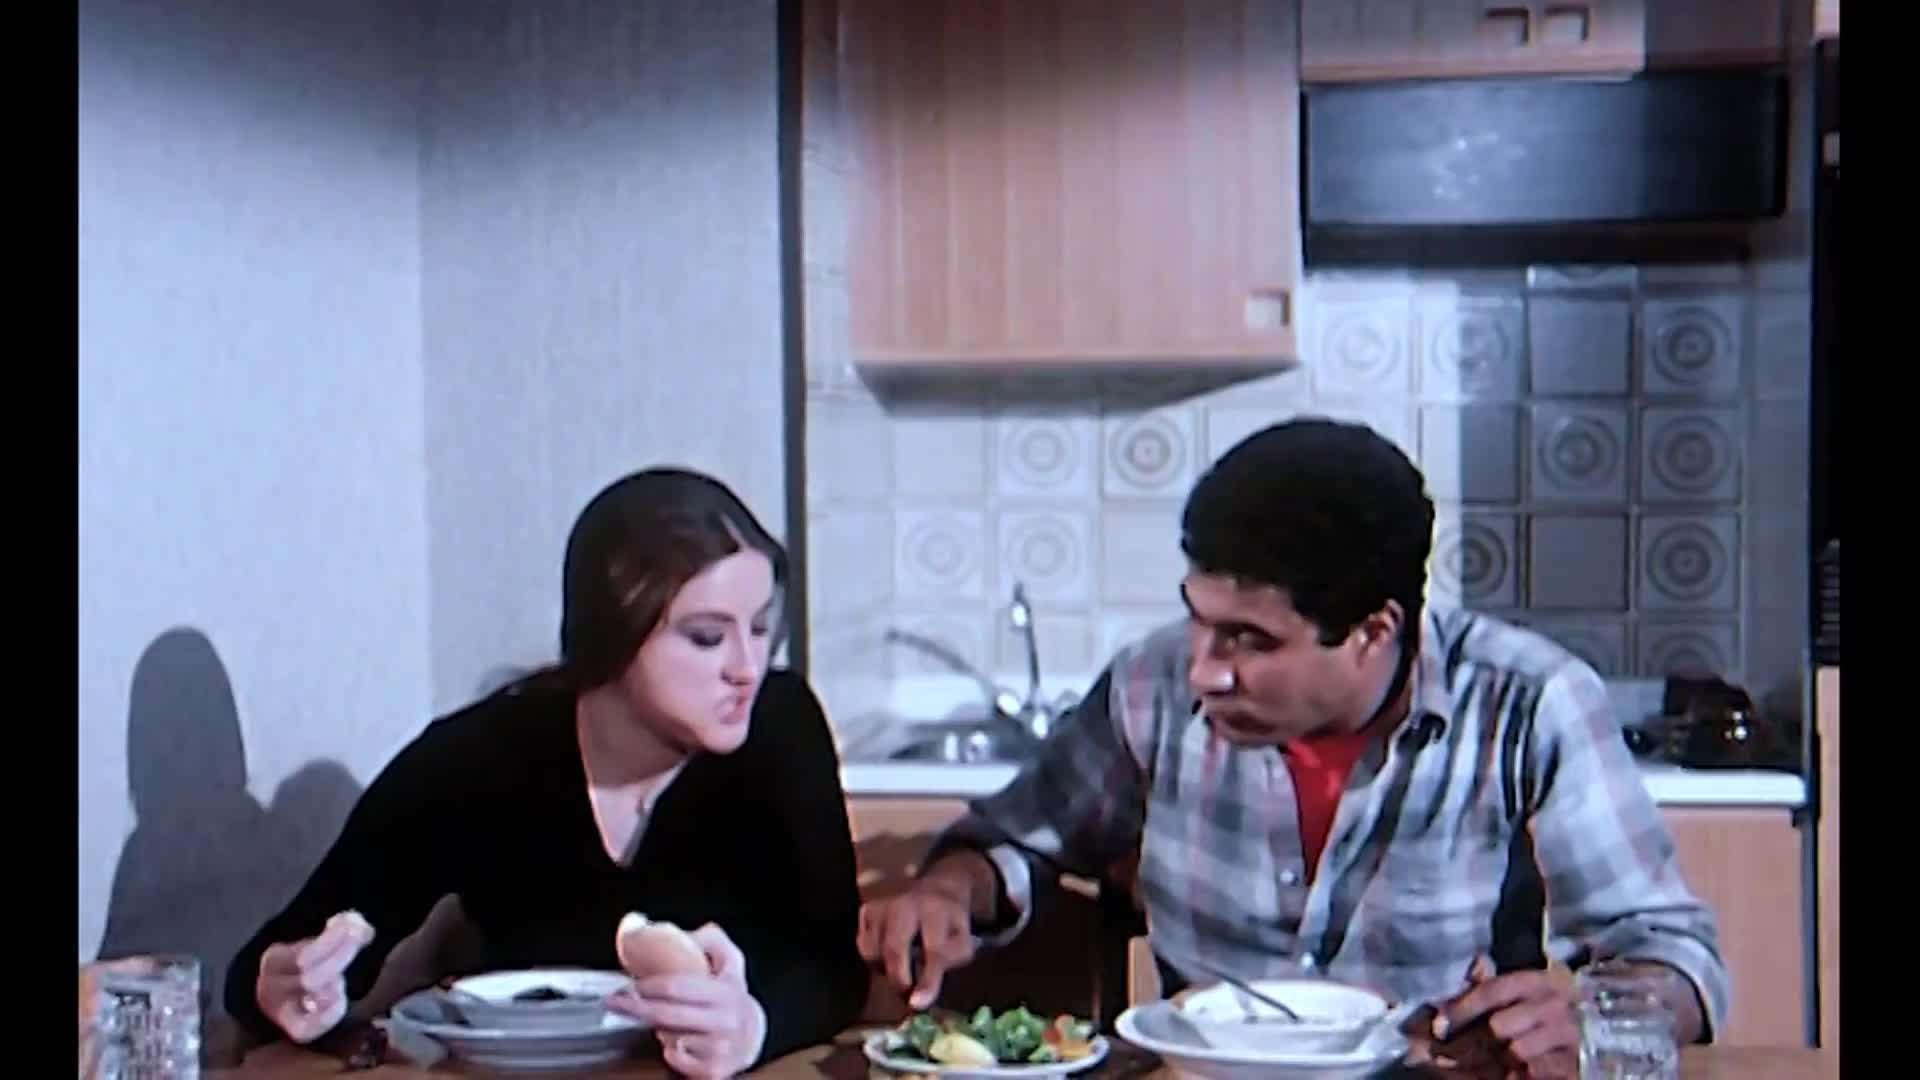 [فيلم][تورنت][تحميل][النمر الأسود][1984][1080p][Web-DL] 14 arabp2p.com